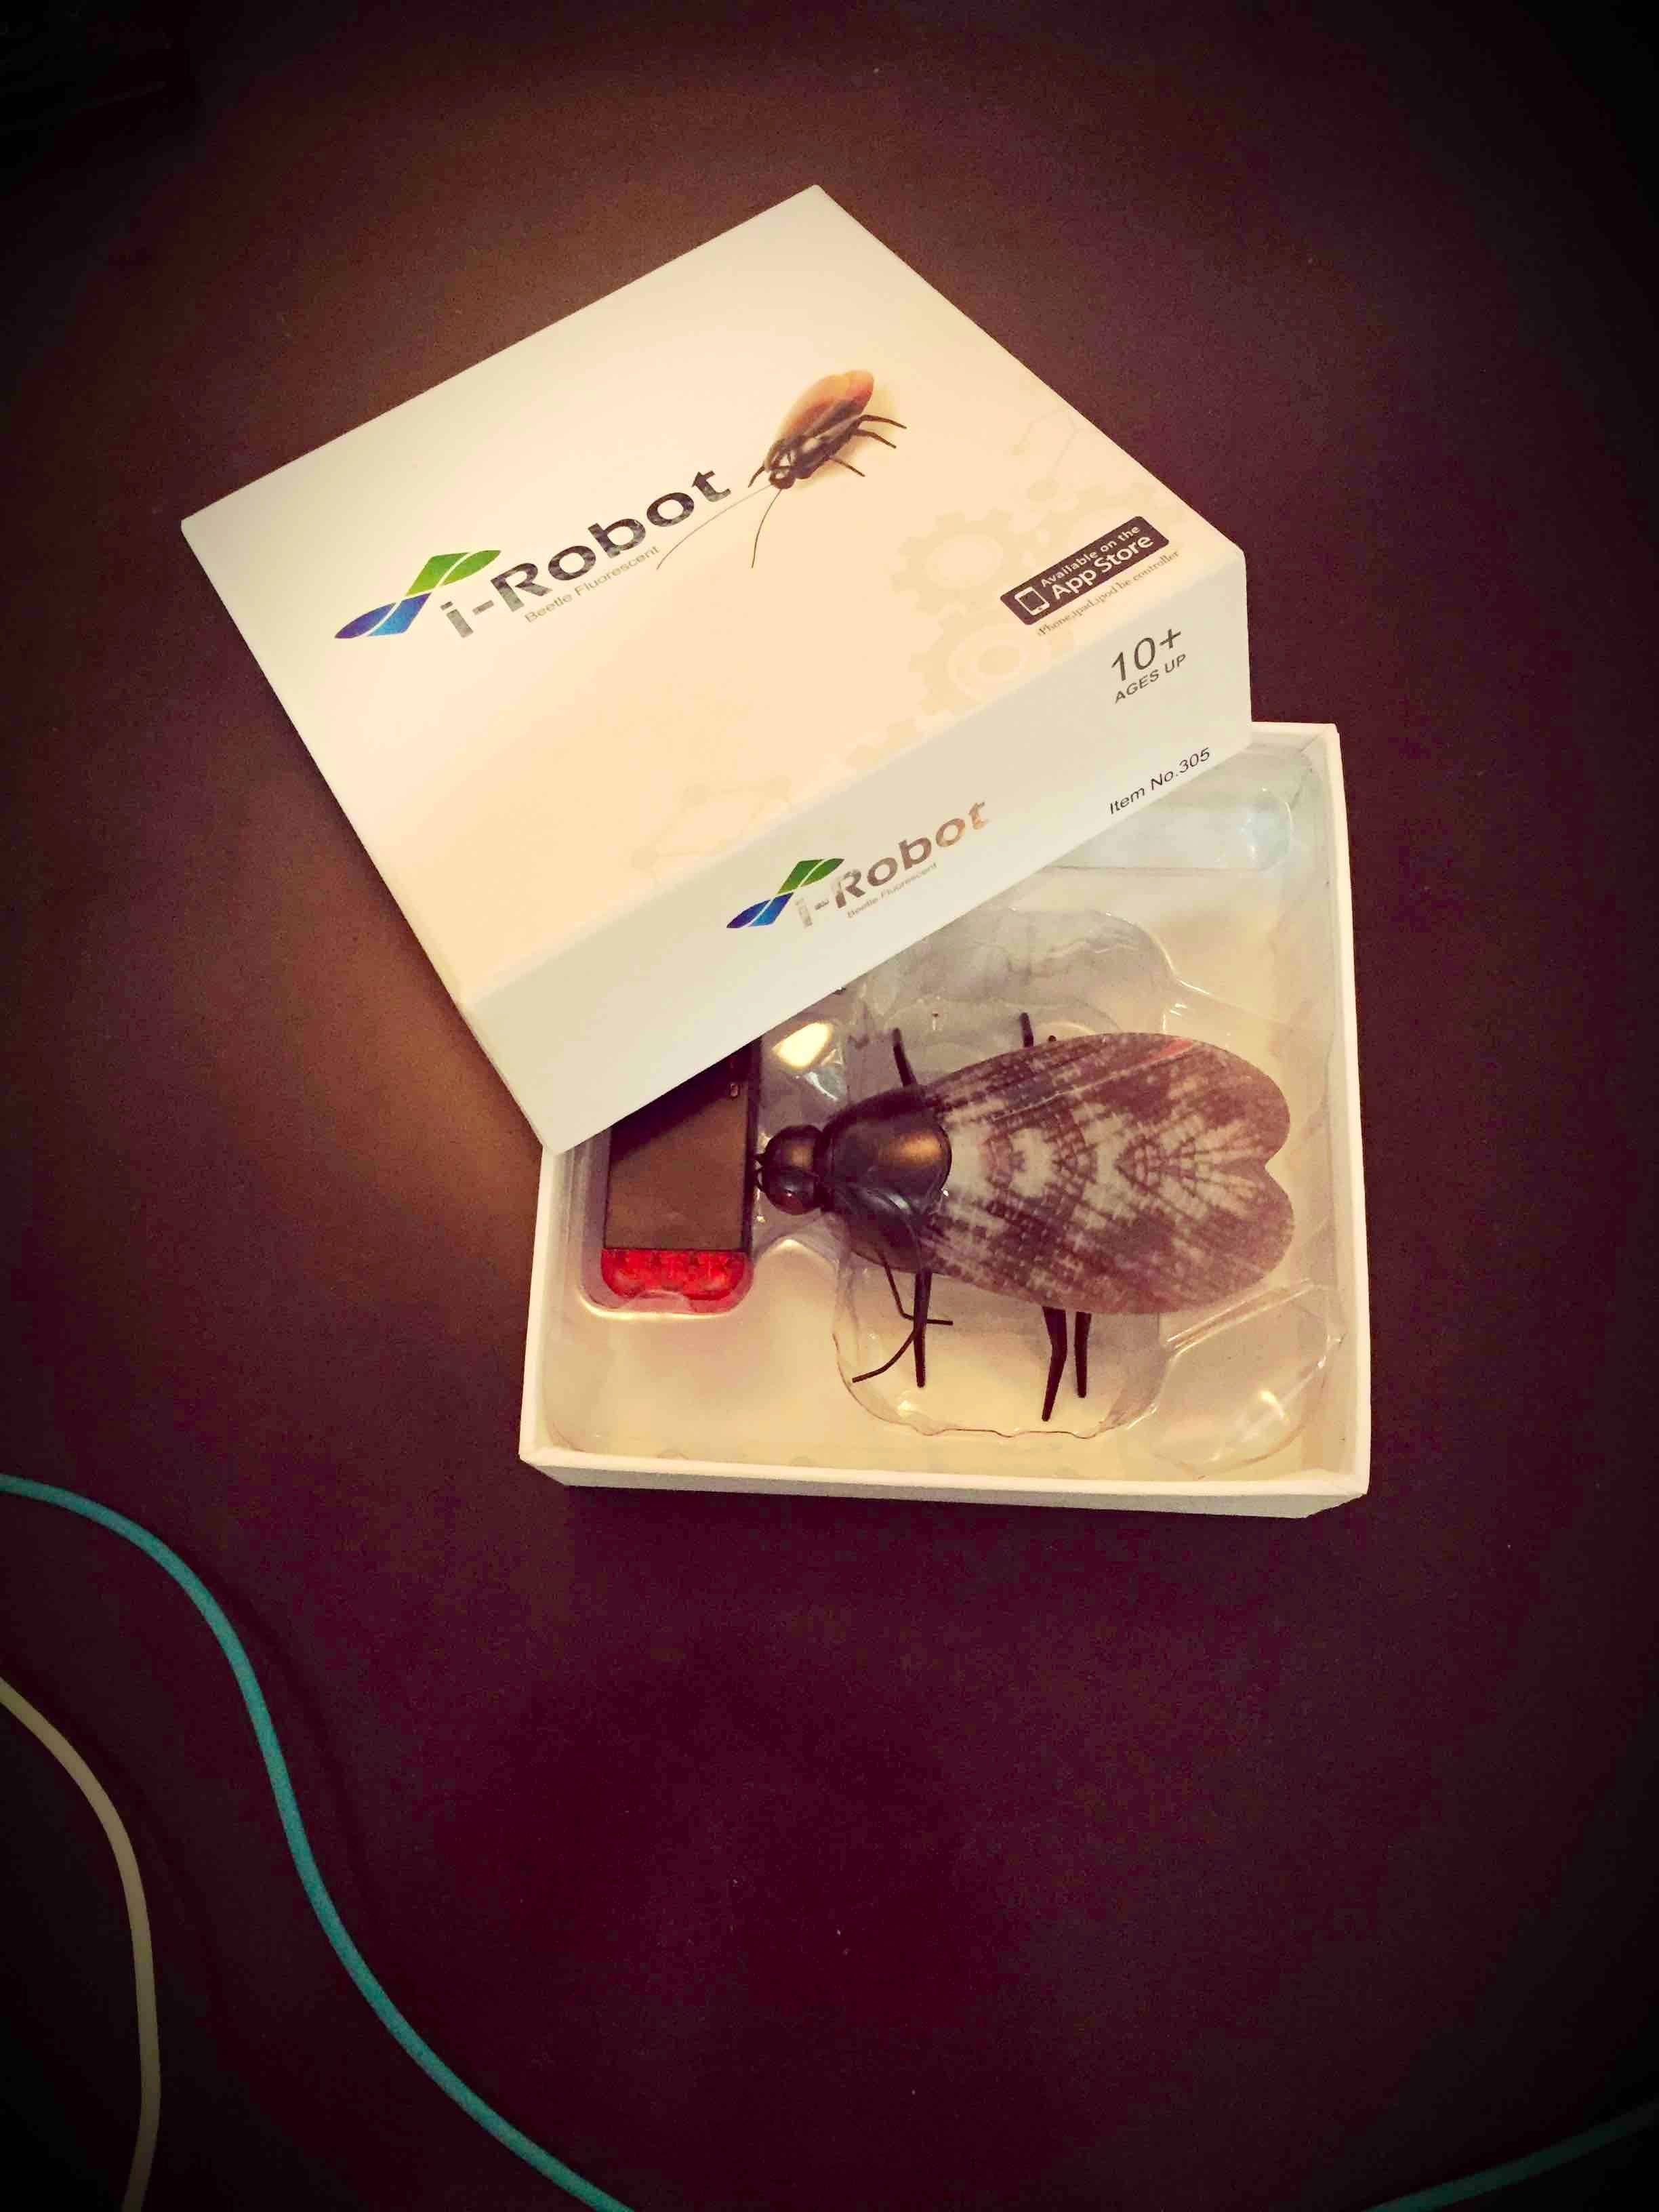 I-robot Beetle